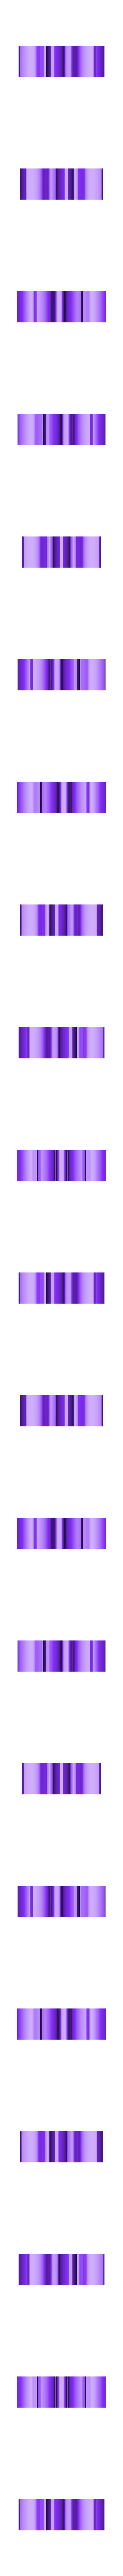 GEARWHEEL (x2).stl Télécharger fichier STL gratuit Distributeur à dentifrice • Design imprimable en 3D, Anthony_SA